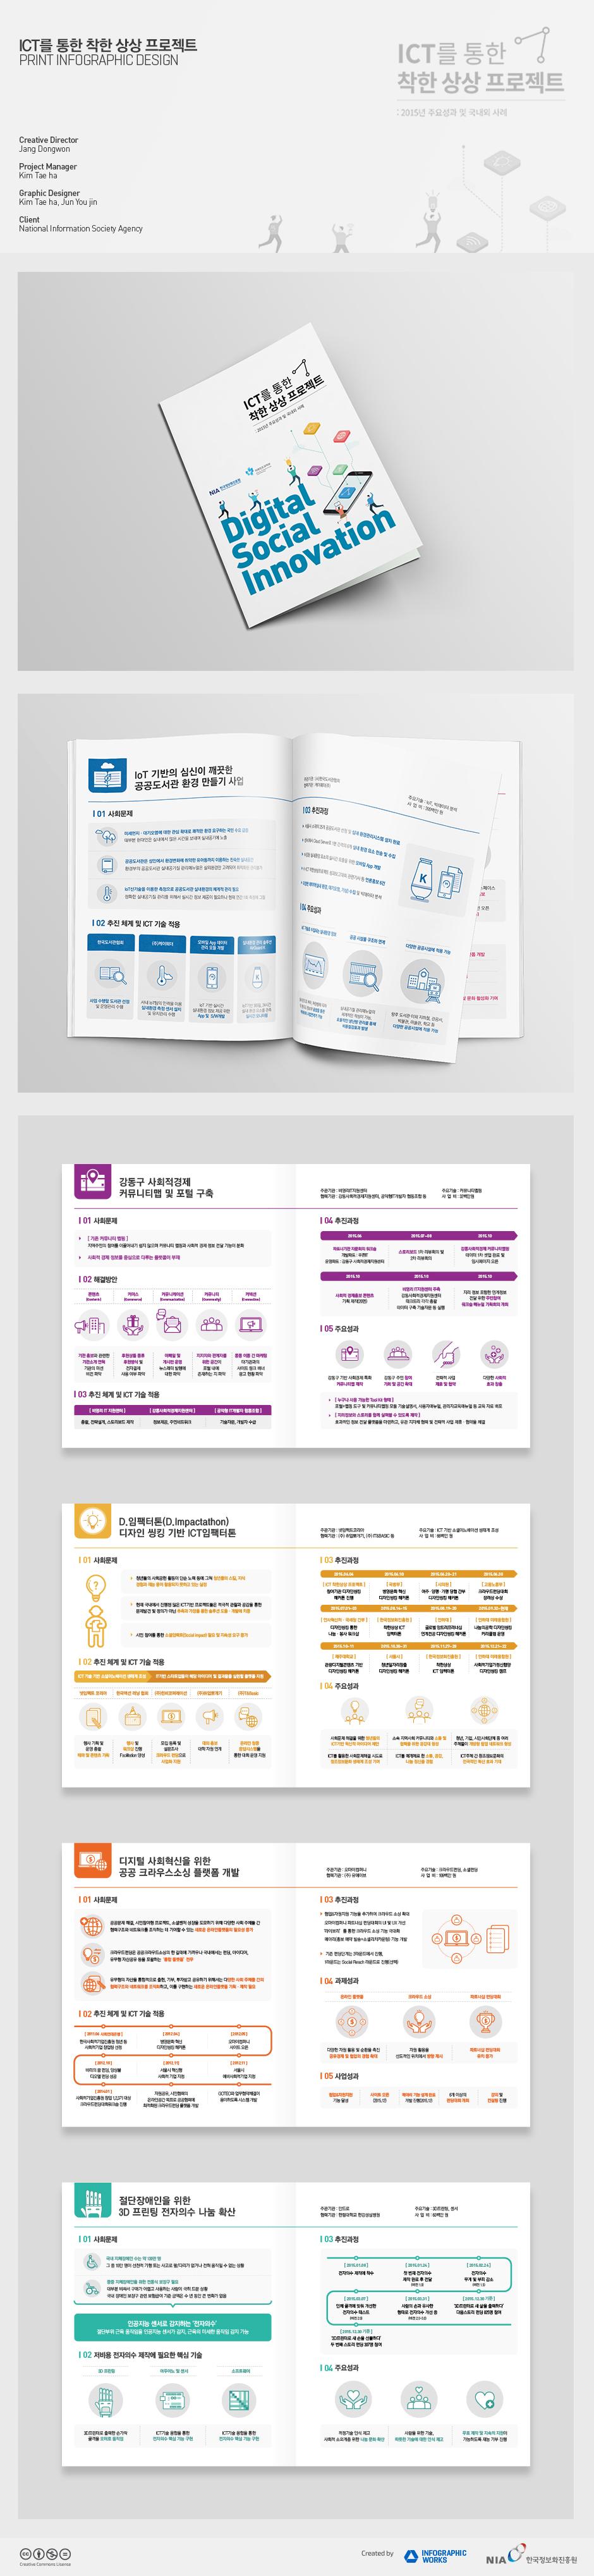 [정보화진흥원]전유진-홈페이지-업로드